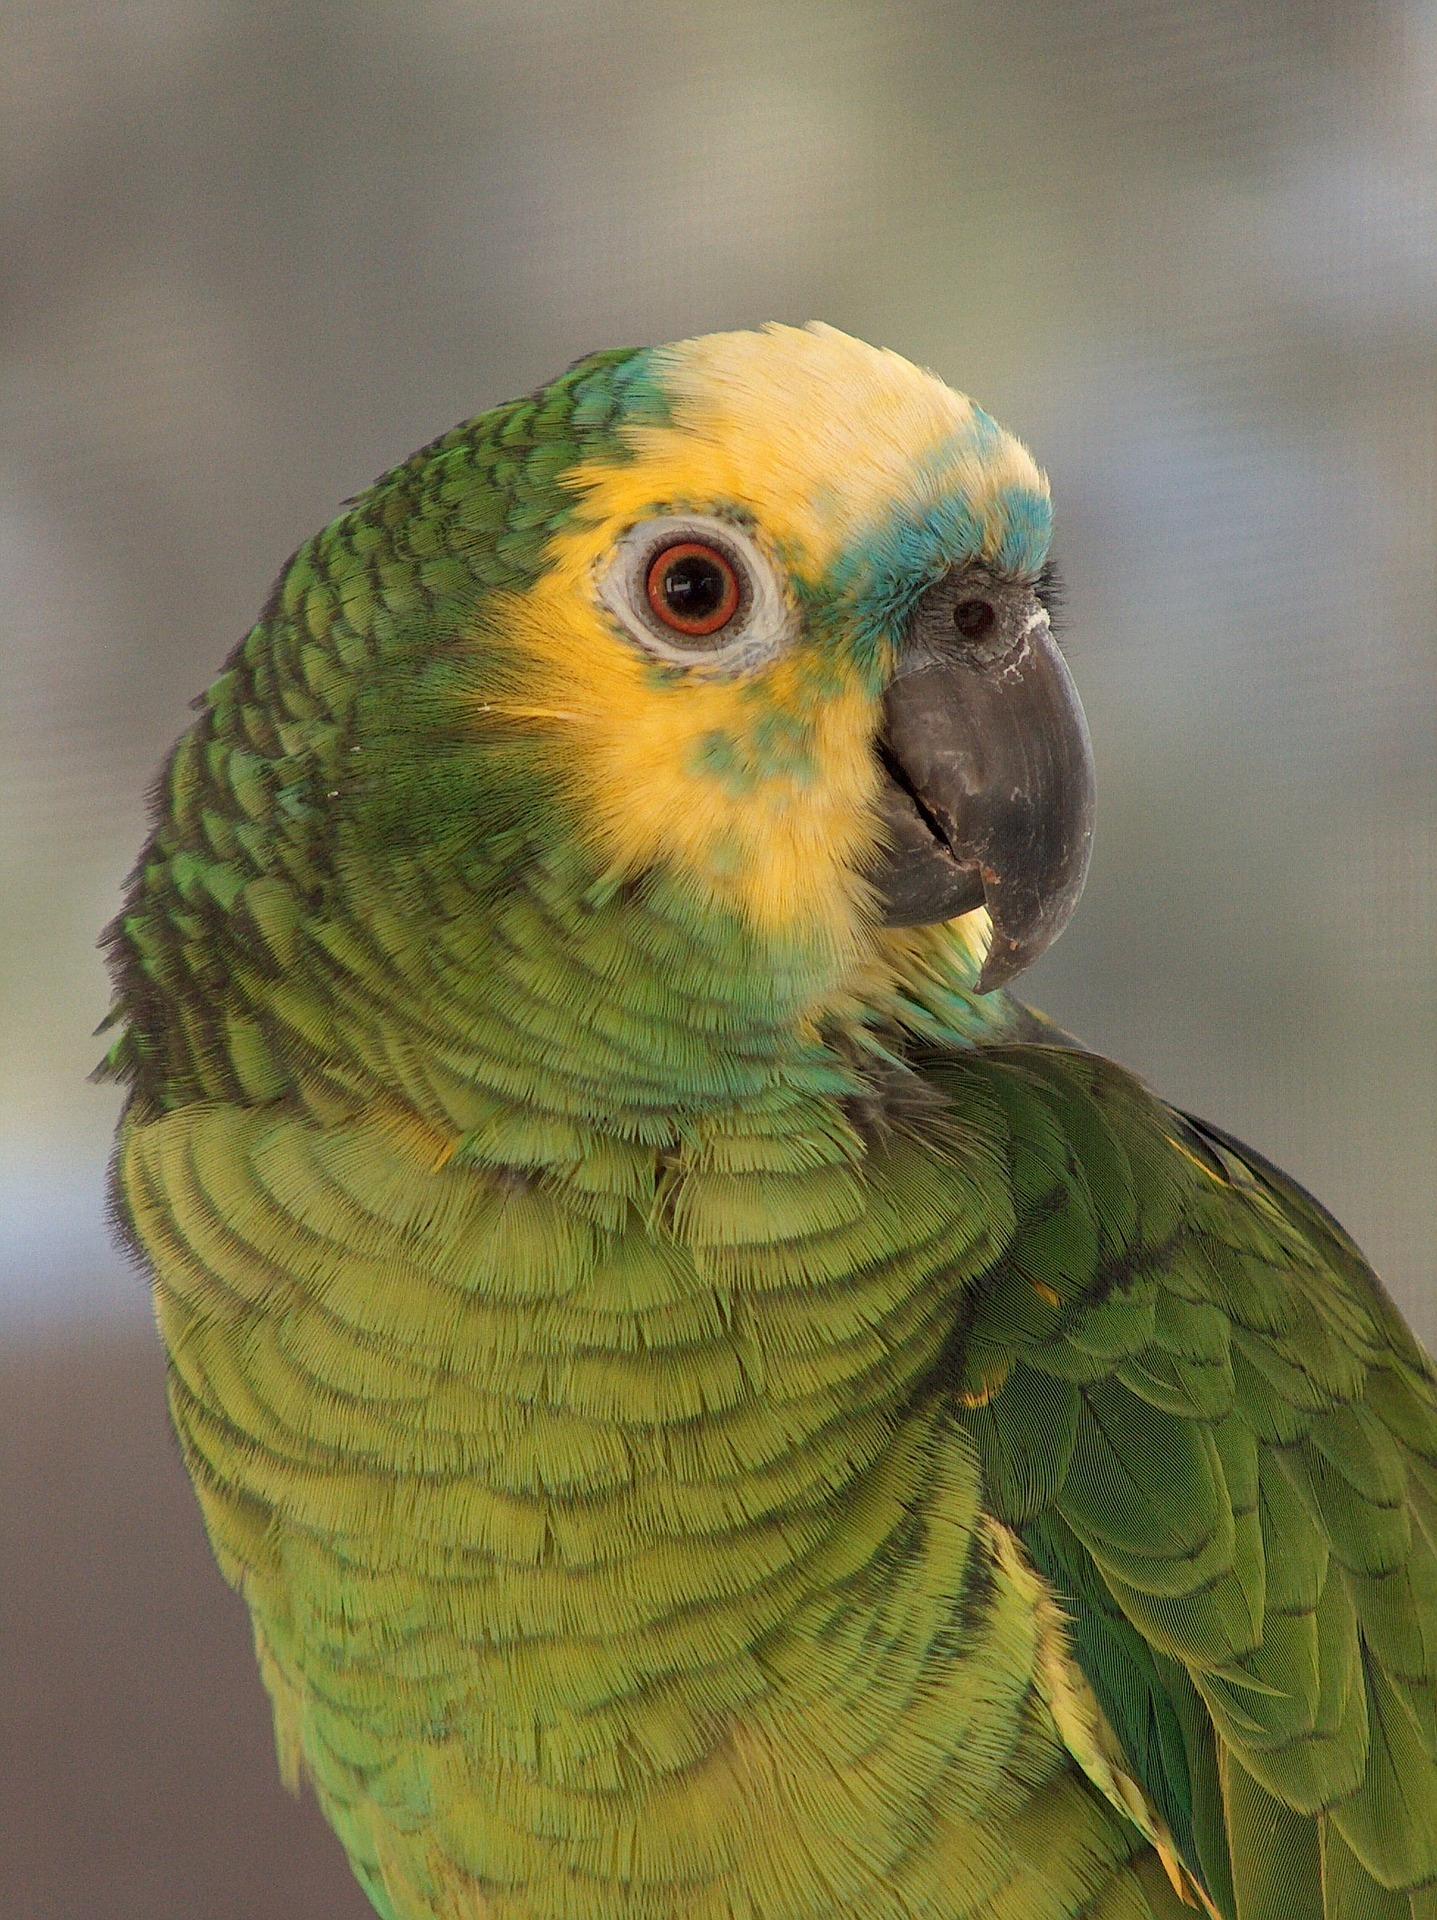 В Коста-Рике домохозяйка оштрафована на почти $ 2000 за незаконное содержание двух попугаев